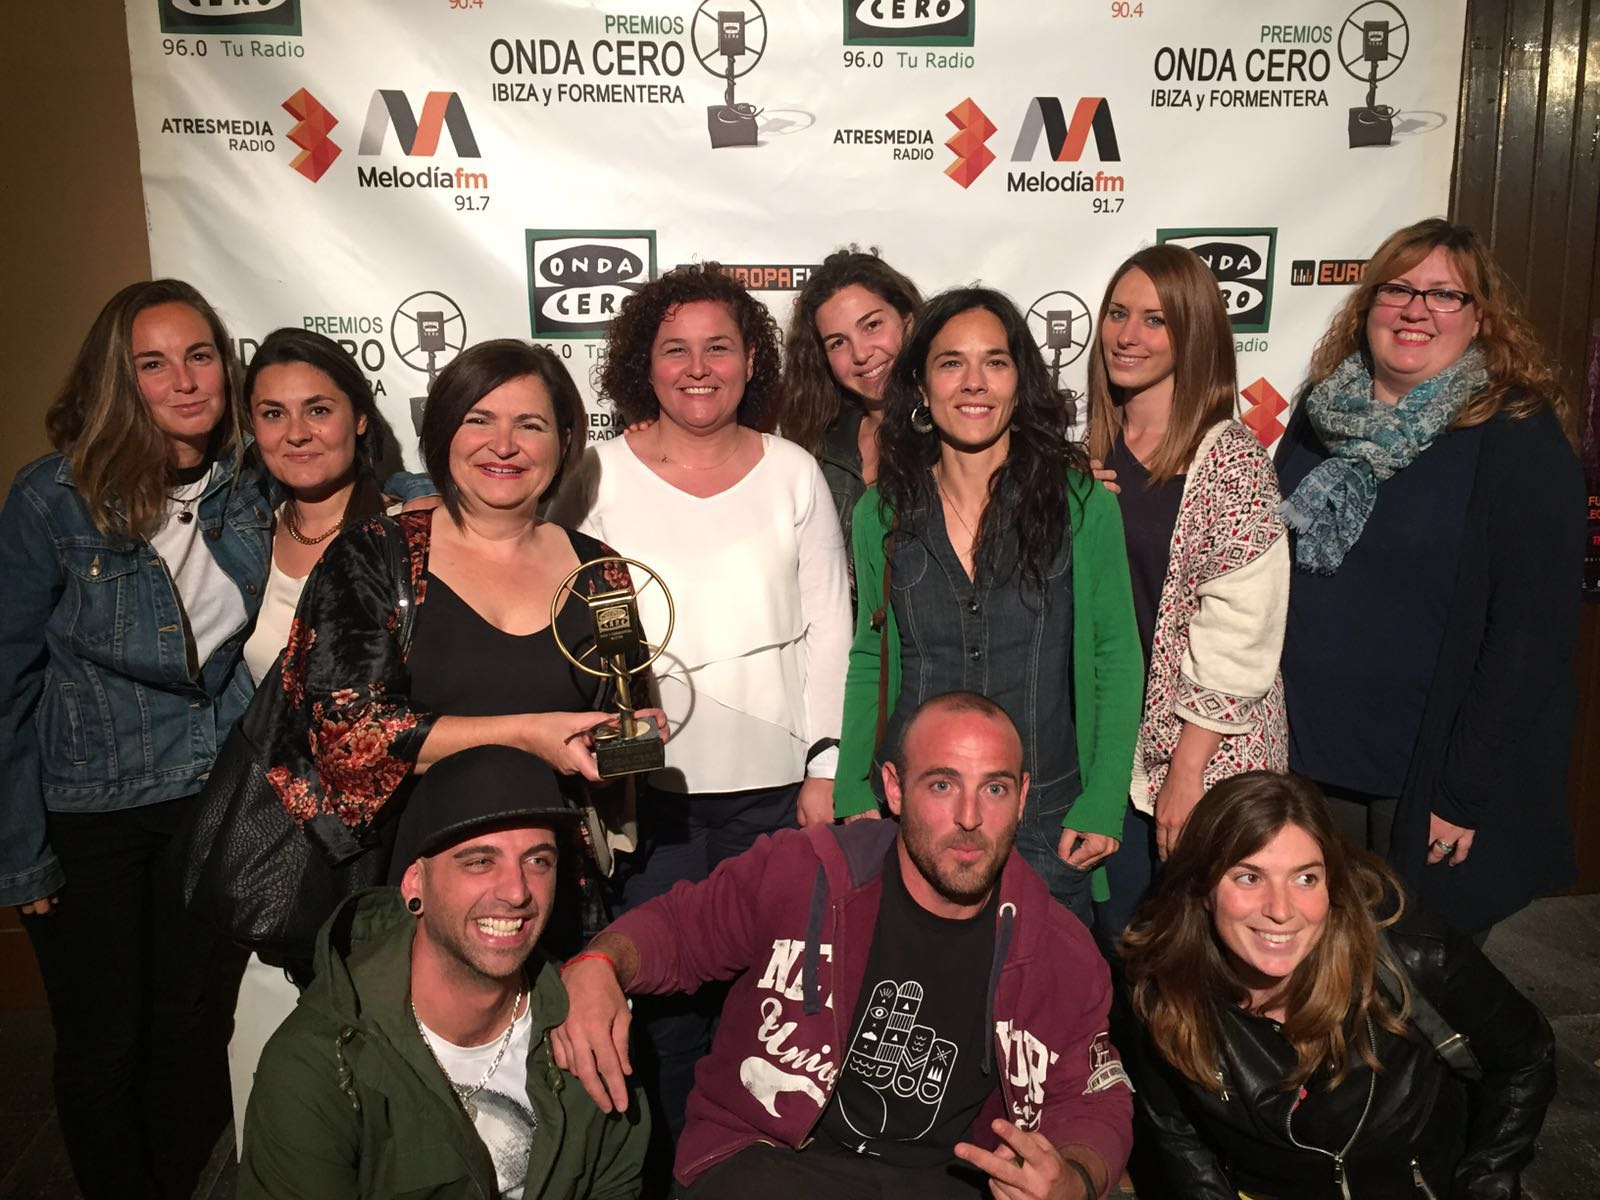 Apneef recoge el premio Onda Cero Solidaridad e Integración 2016